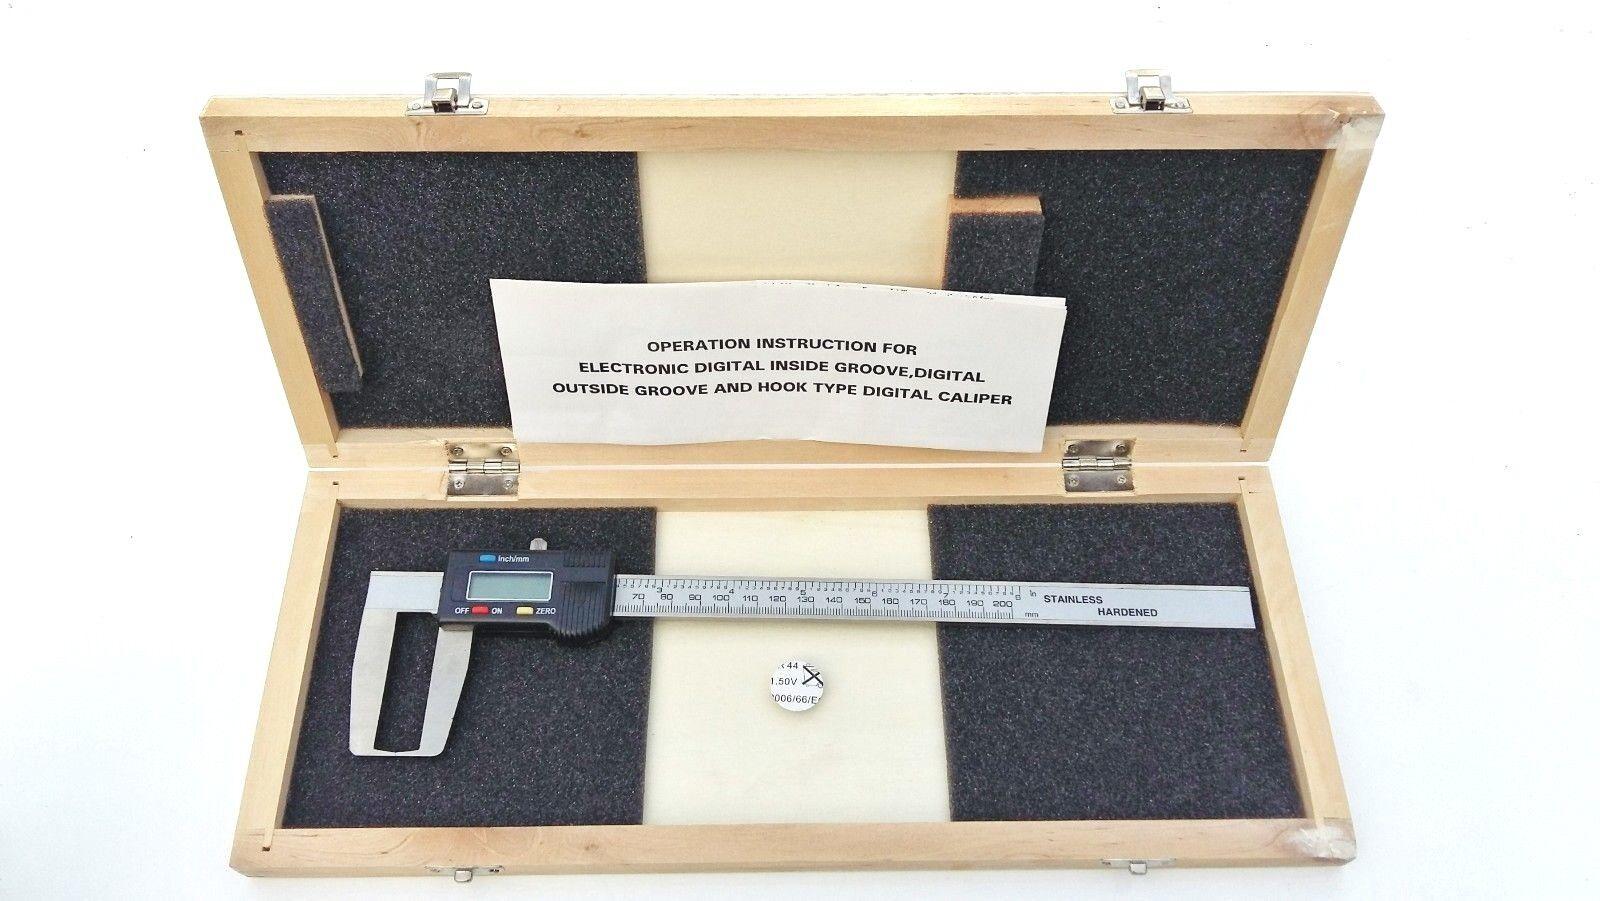 Calibro Digitale Esterno Gola & Gancio Tipo Tipo Tipo 0-200mm 20.3cm | Exit  | Miglior Prezzo  | tender  6b5056